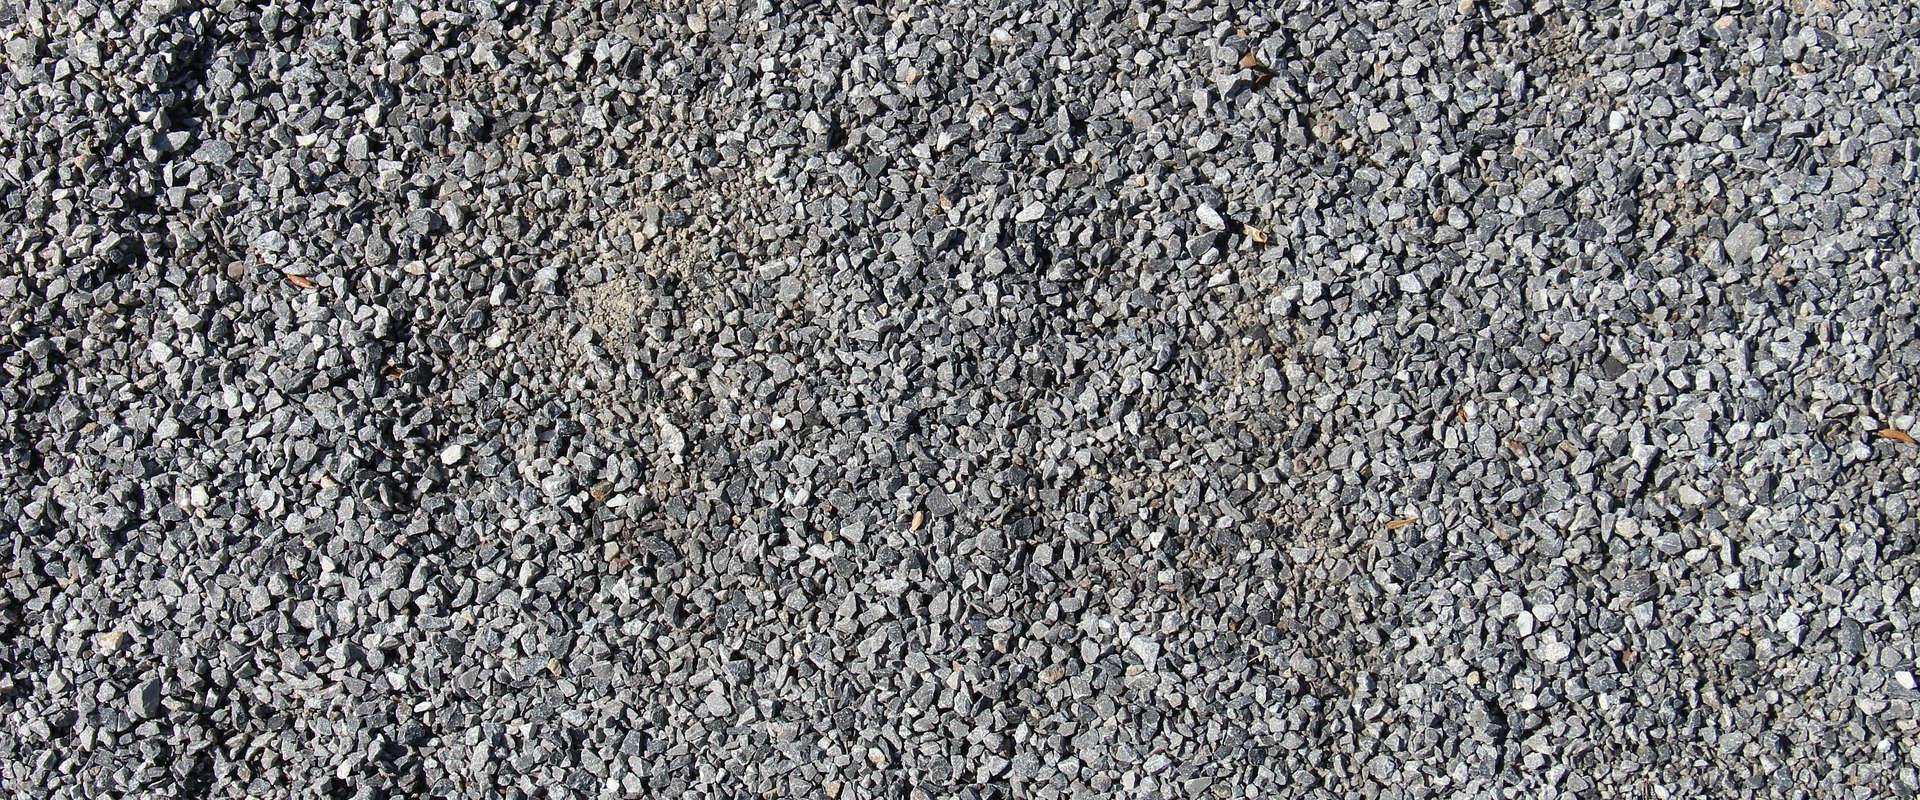 Prix pour livraison de gravier et de sable